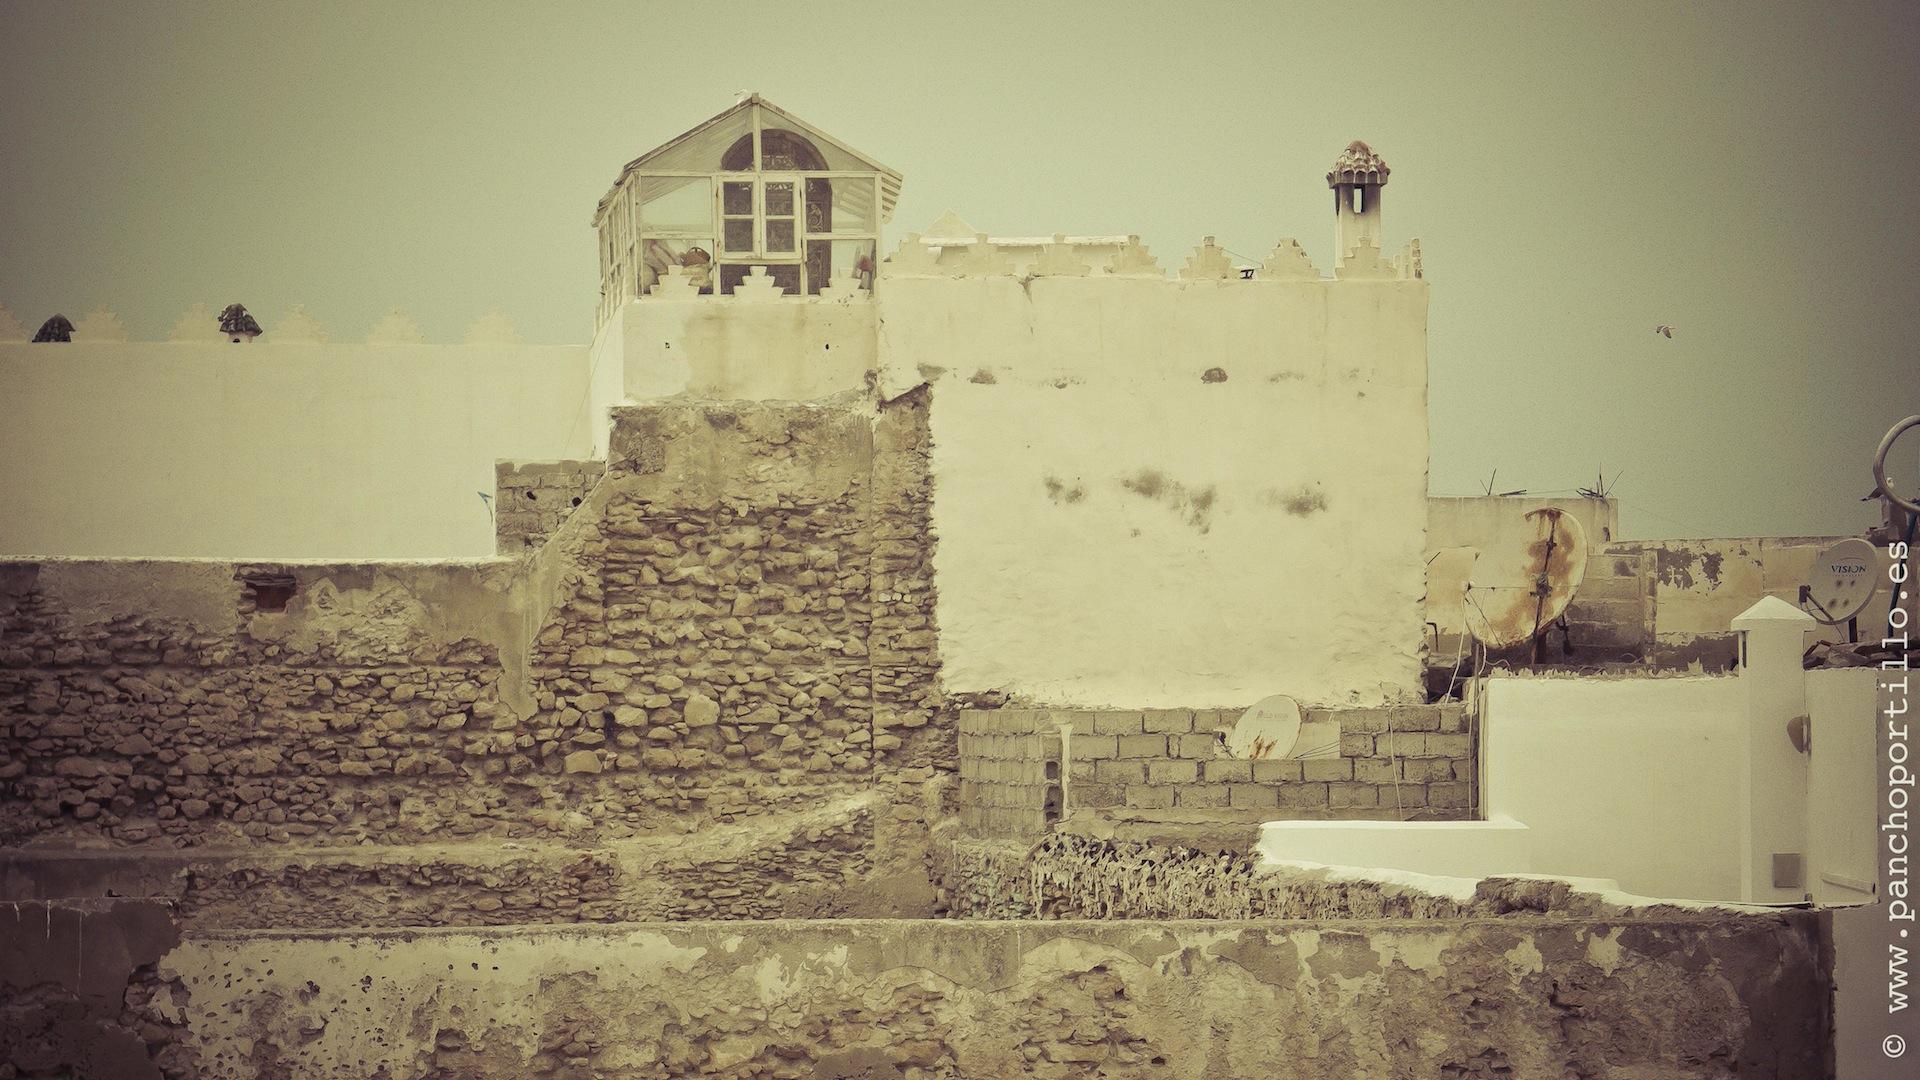 Essaouira-31-L1010109-2